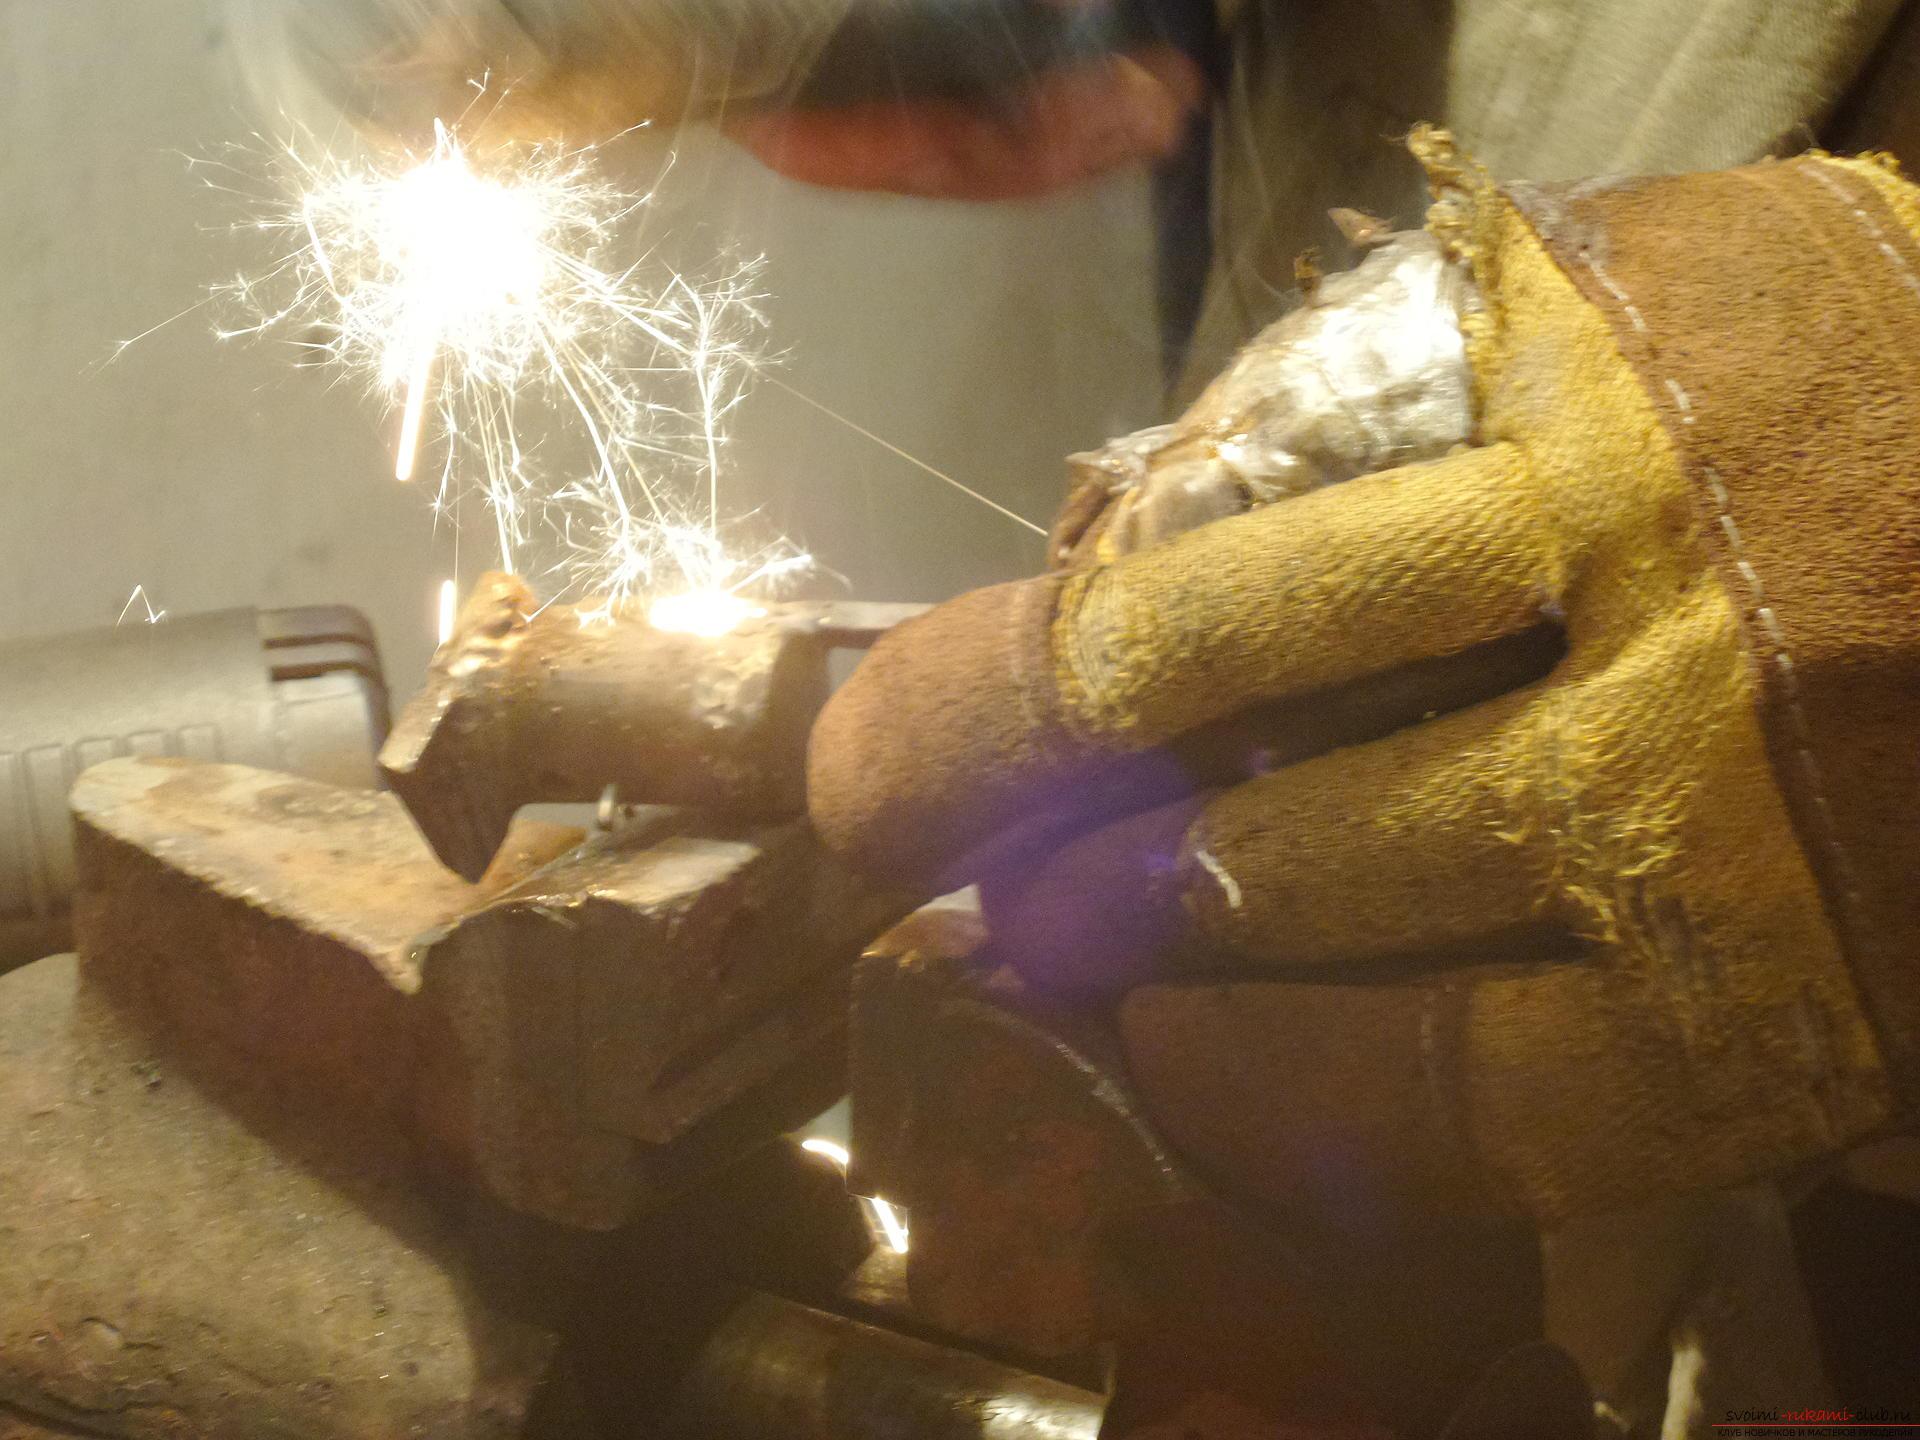 Этот мастер-класс научит как своими руками сделать необычный брелок для ключей - железный скворечник. Фото №23